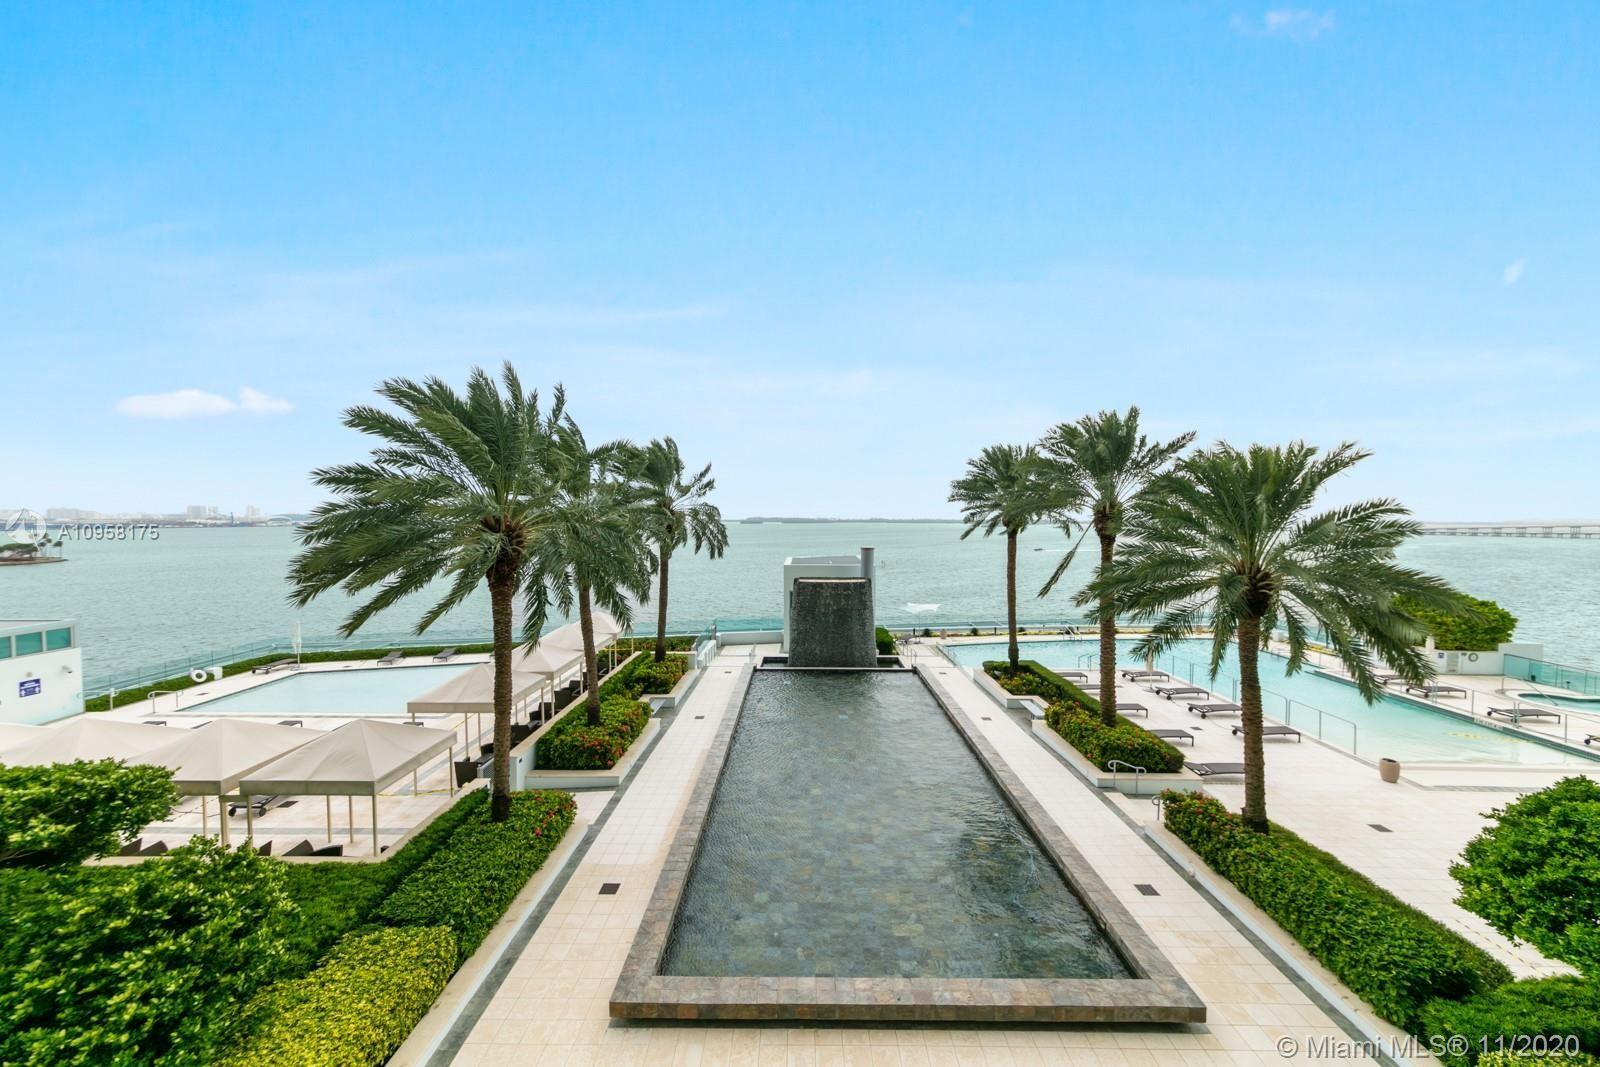 1331 Brickell Bay Dr #905, Miami, FL 33131 - #: A10958175